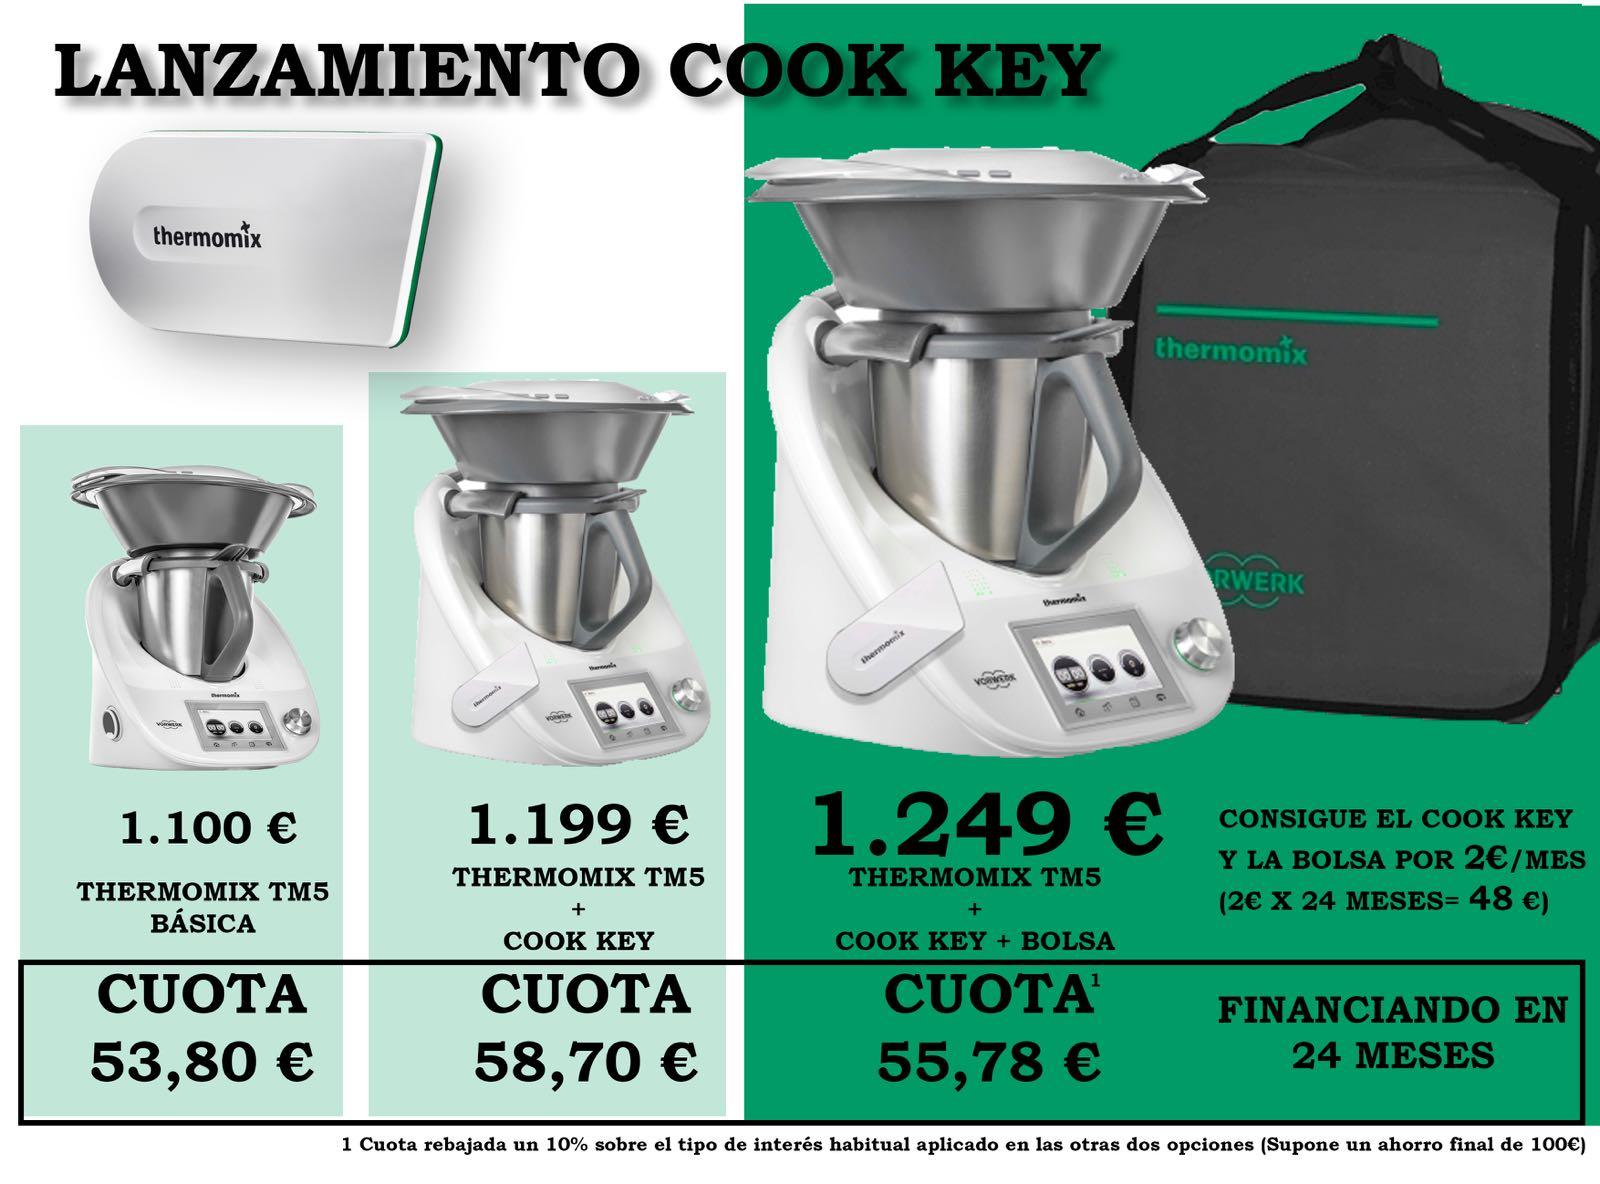 COOK KEY, lo más novedoso de tu cocina